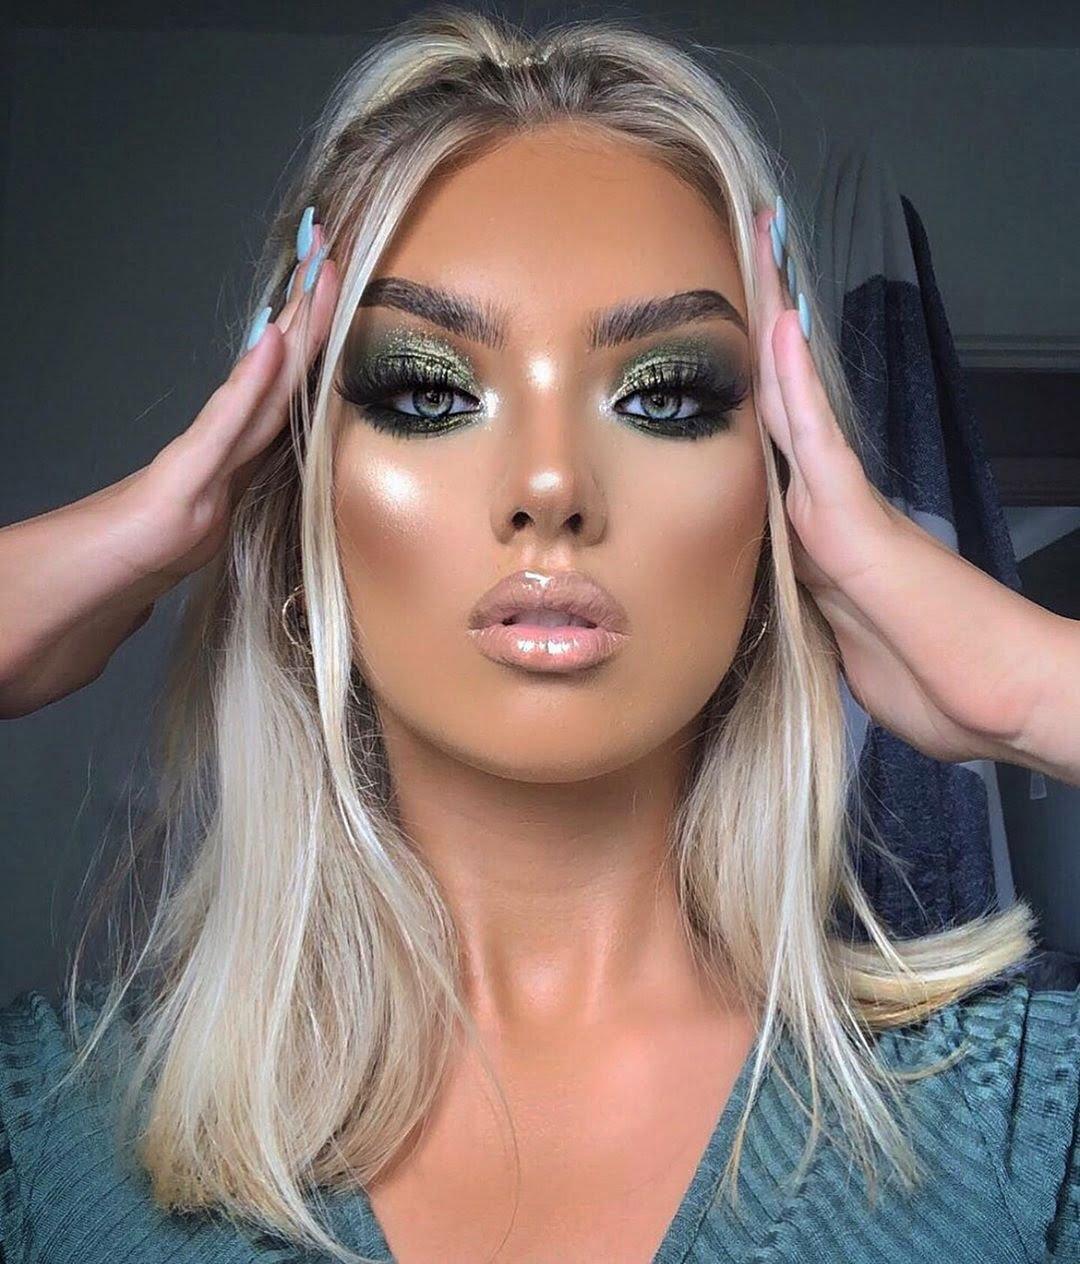 40 inspirações de maquiagem com glitter para brilhar em qualquer ocasião - 21